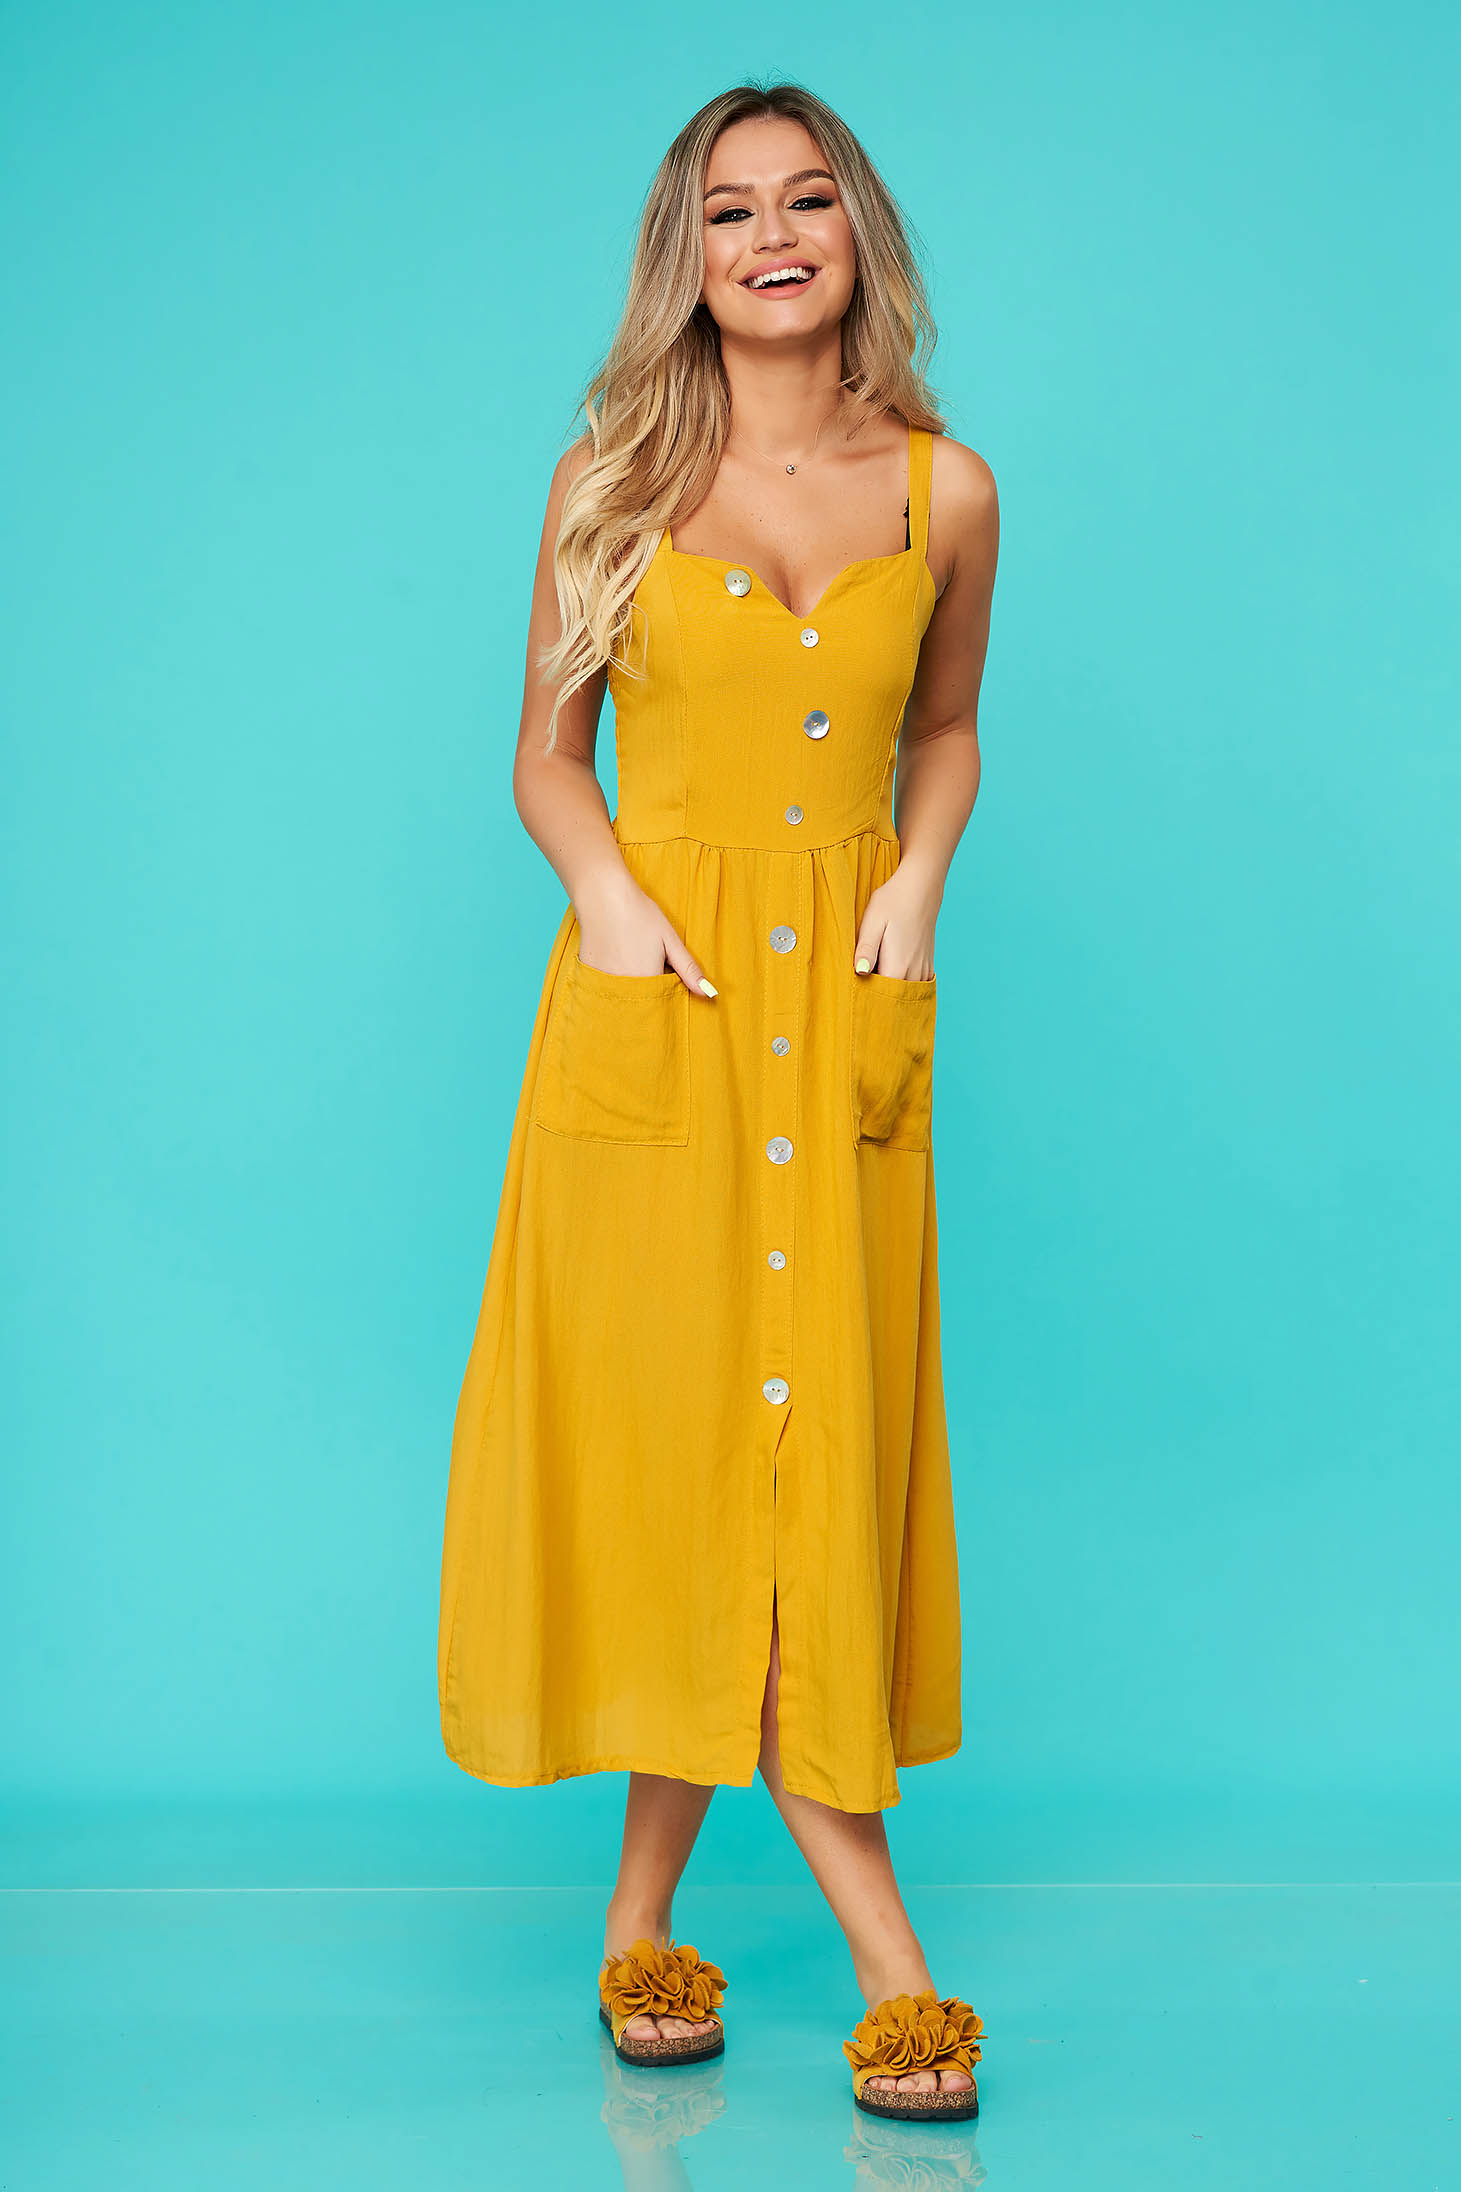 Mustard dress casual midi nonelastic cotton with button accessories